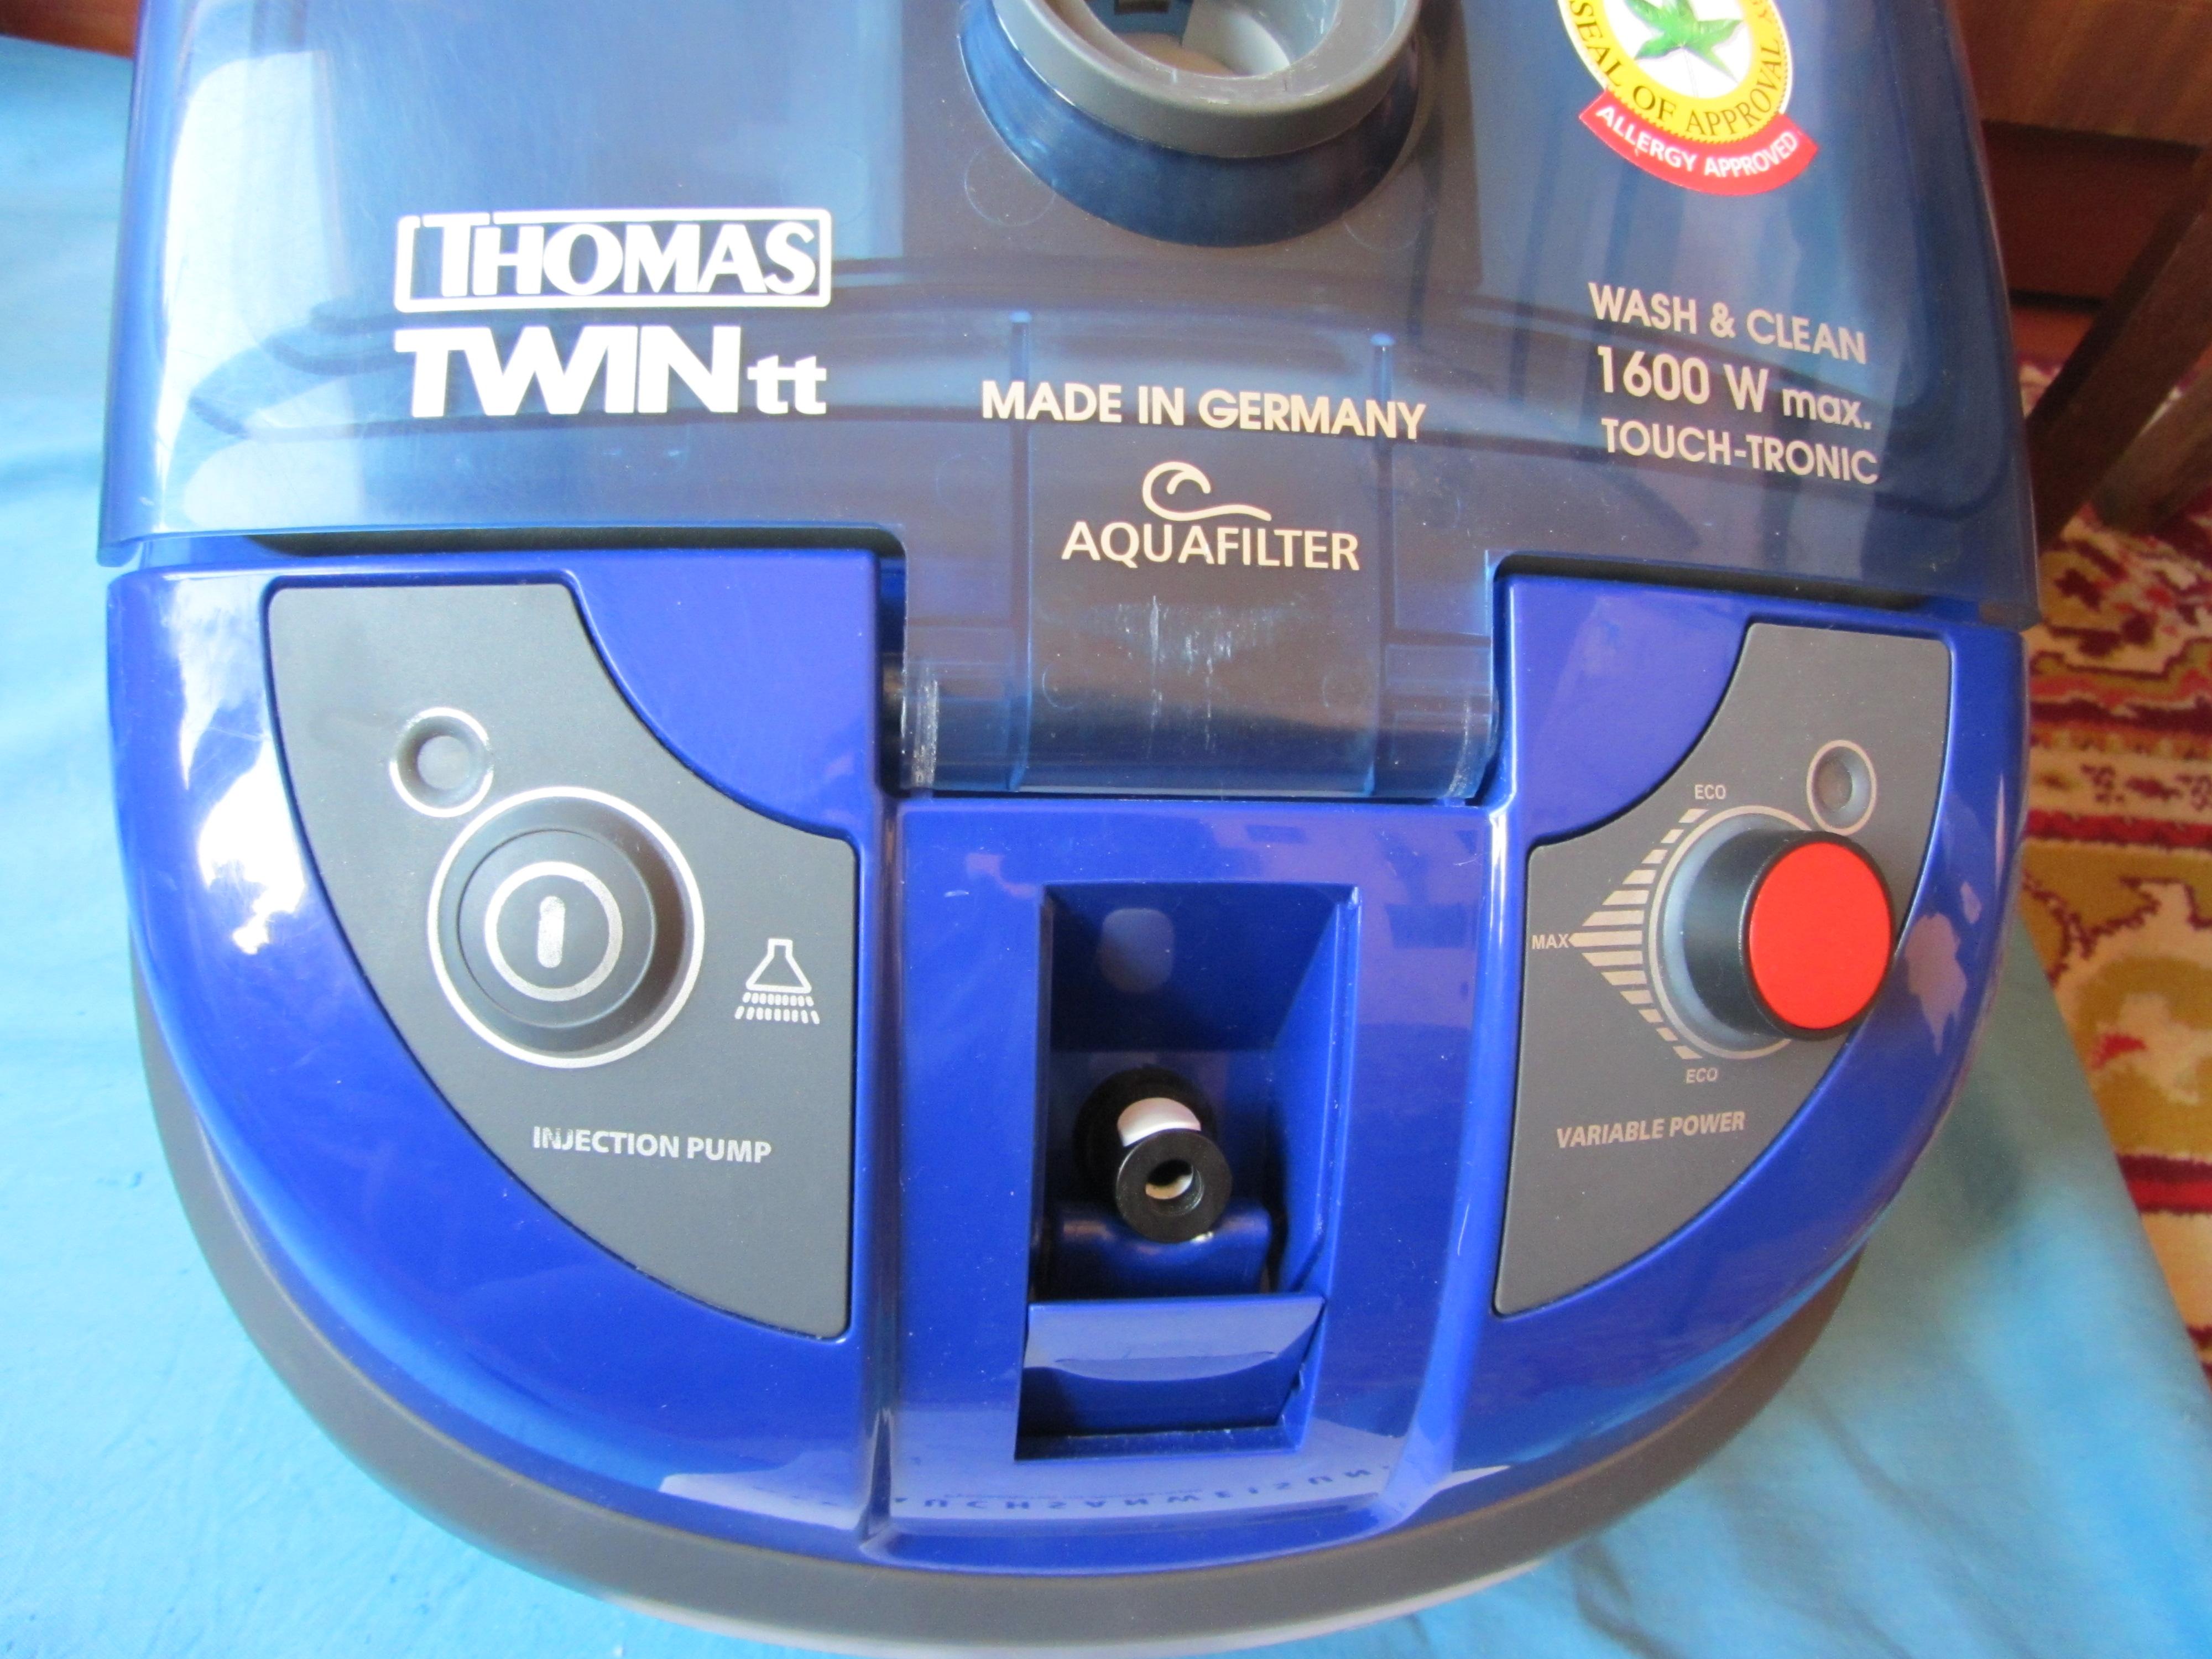 Фото Ремонт (замена) кнопки включения/выключения пылесоса Thomas TWIN tt Aquafilter 2